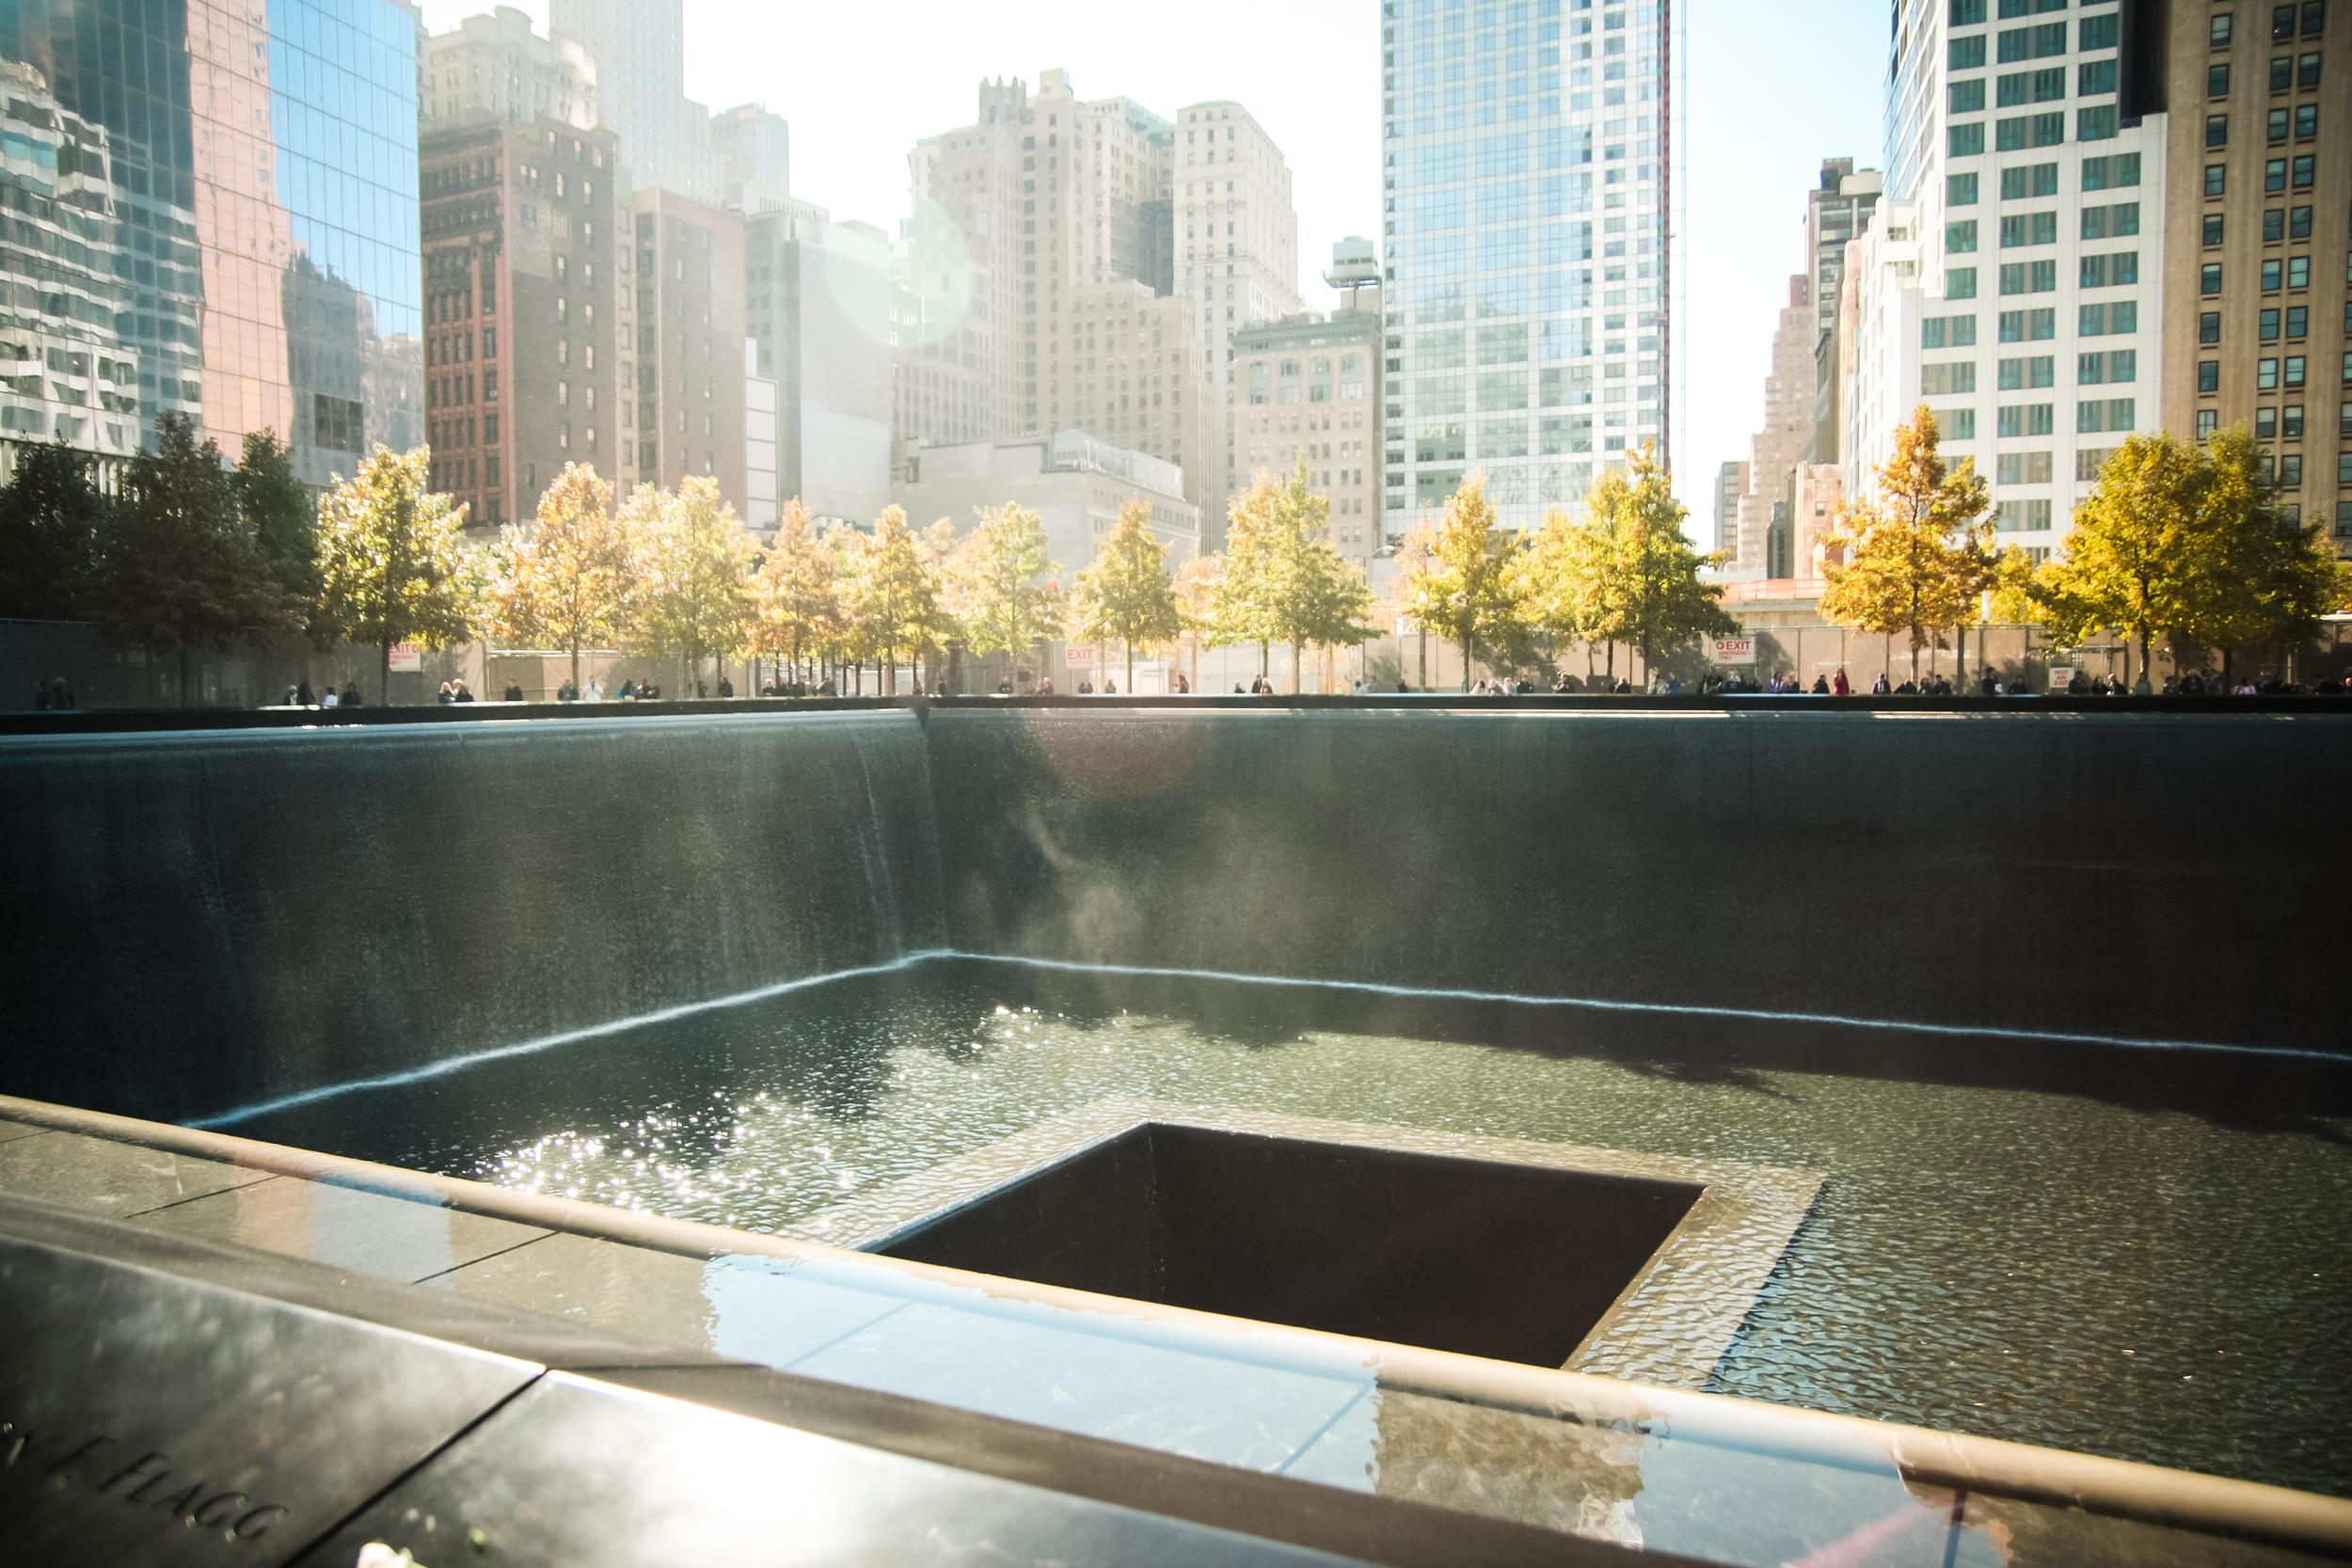 NYC_Day3-14.jpg